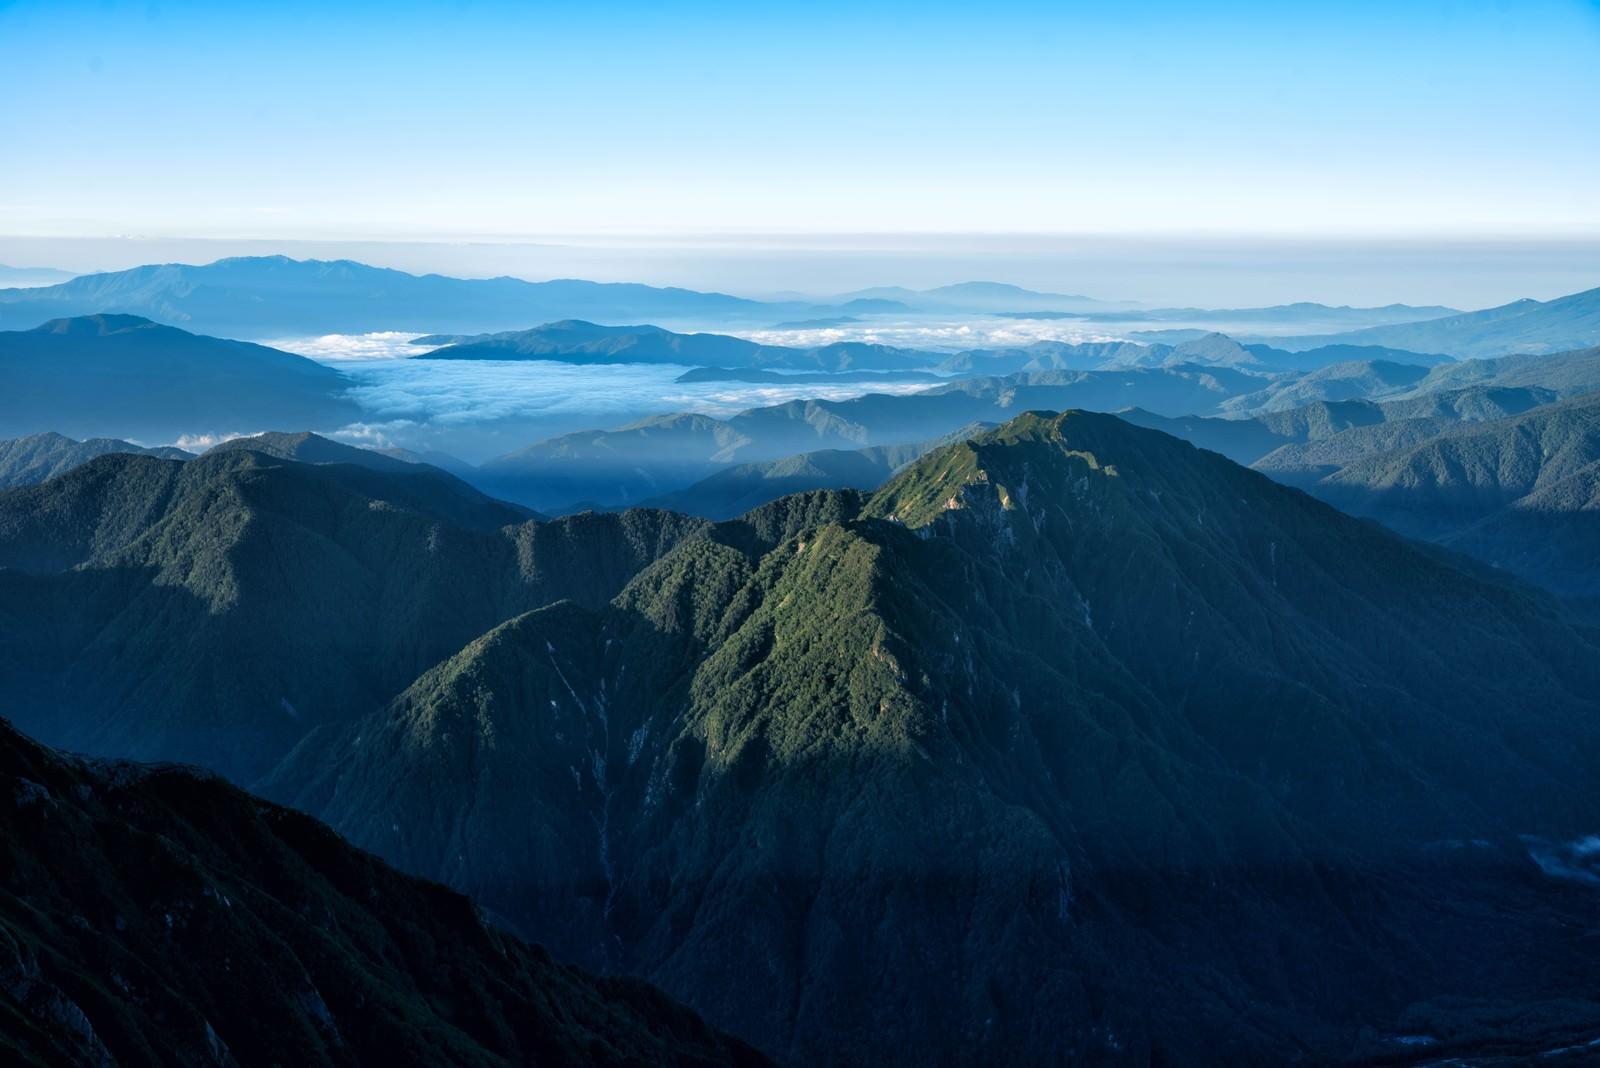 「霞沢岳の雲海に浮かぶ南アルプス」の写真